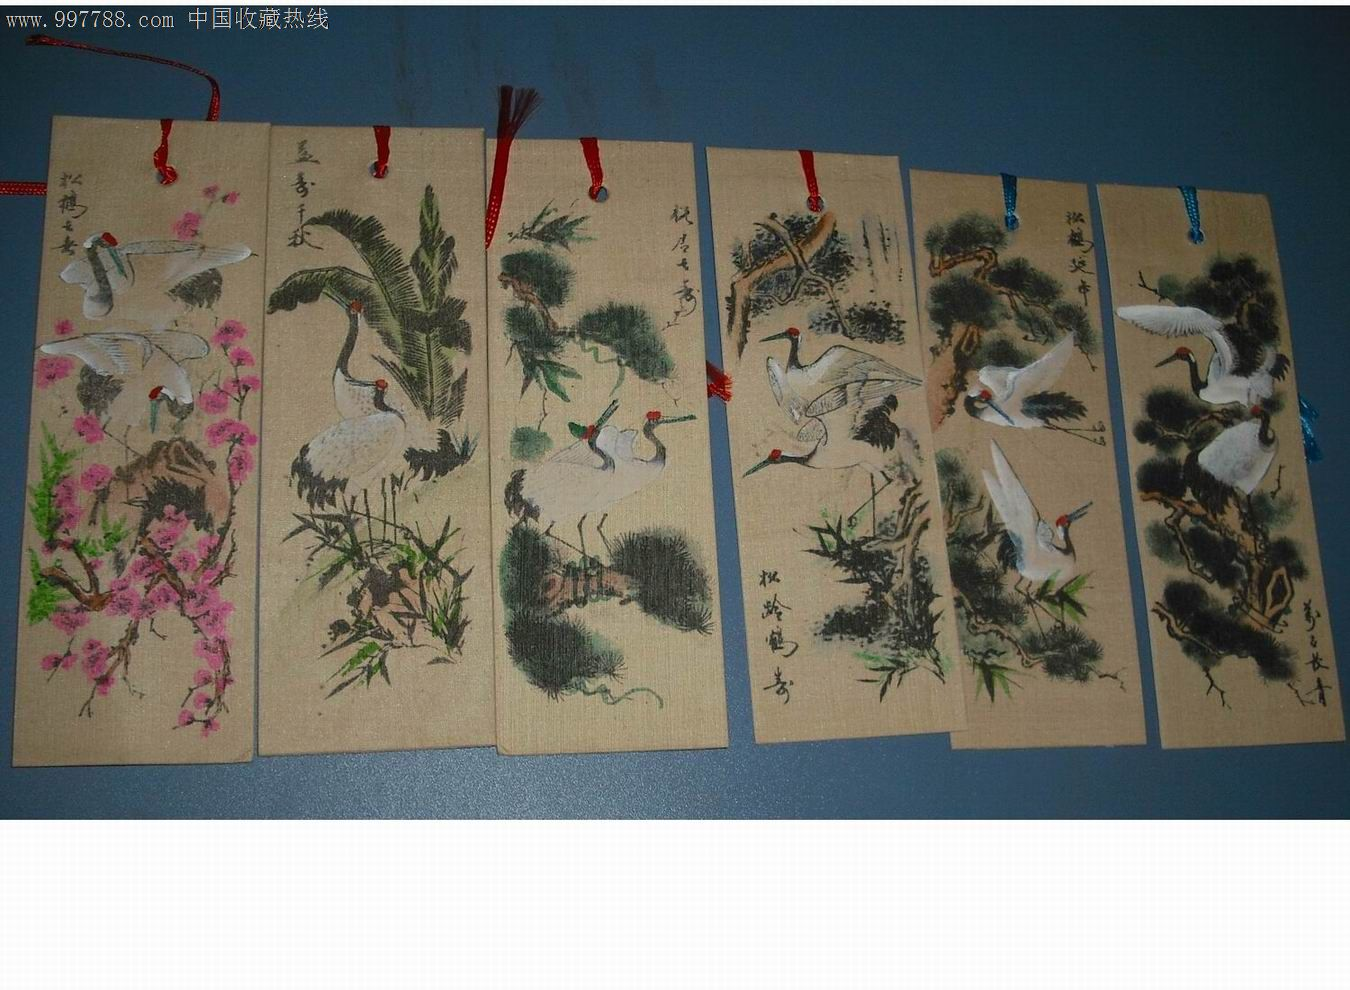 书签/书花,,,,,其他题材,年代不详,平面书签,产地不详,绢,长方形